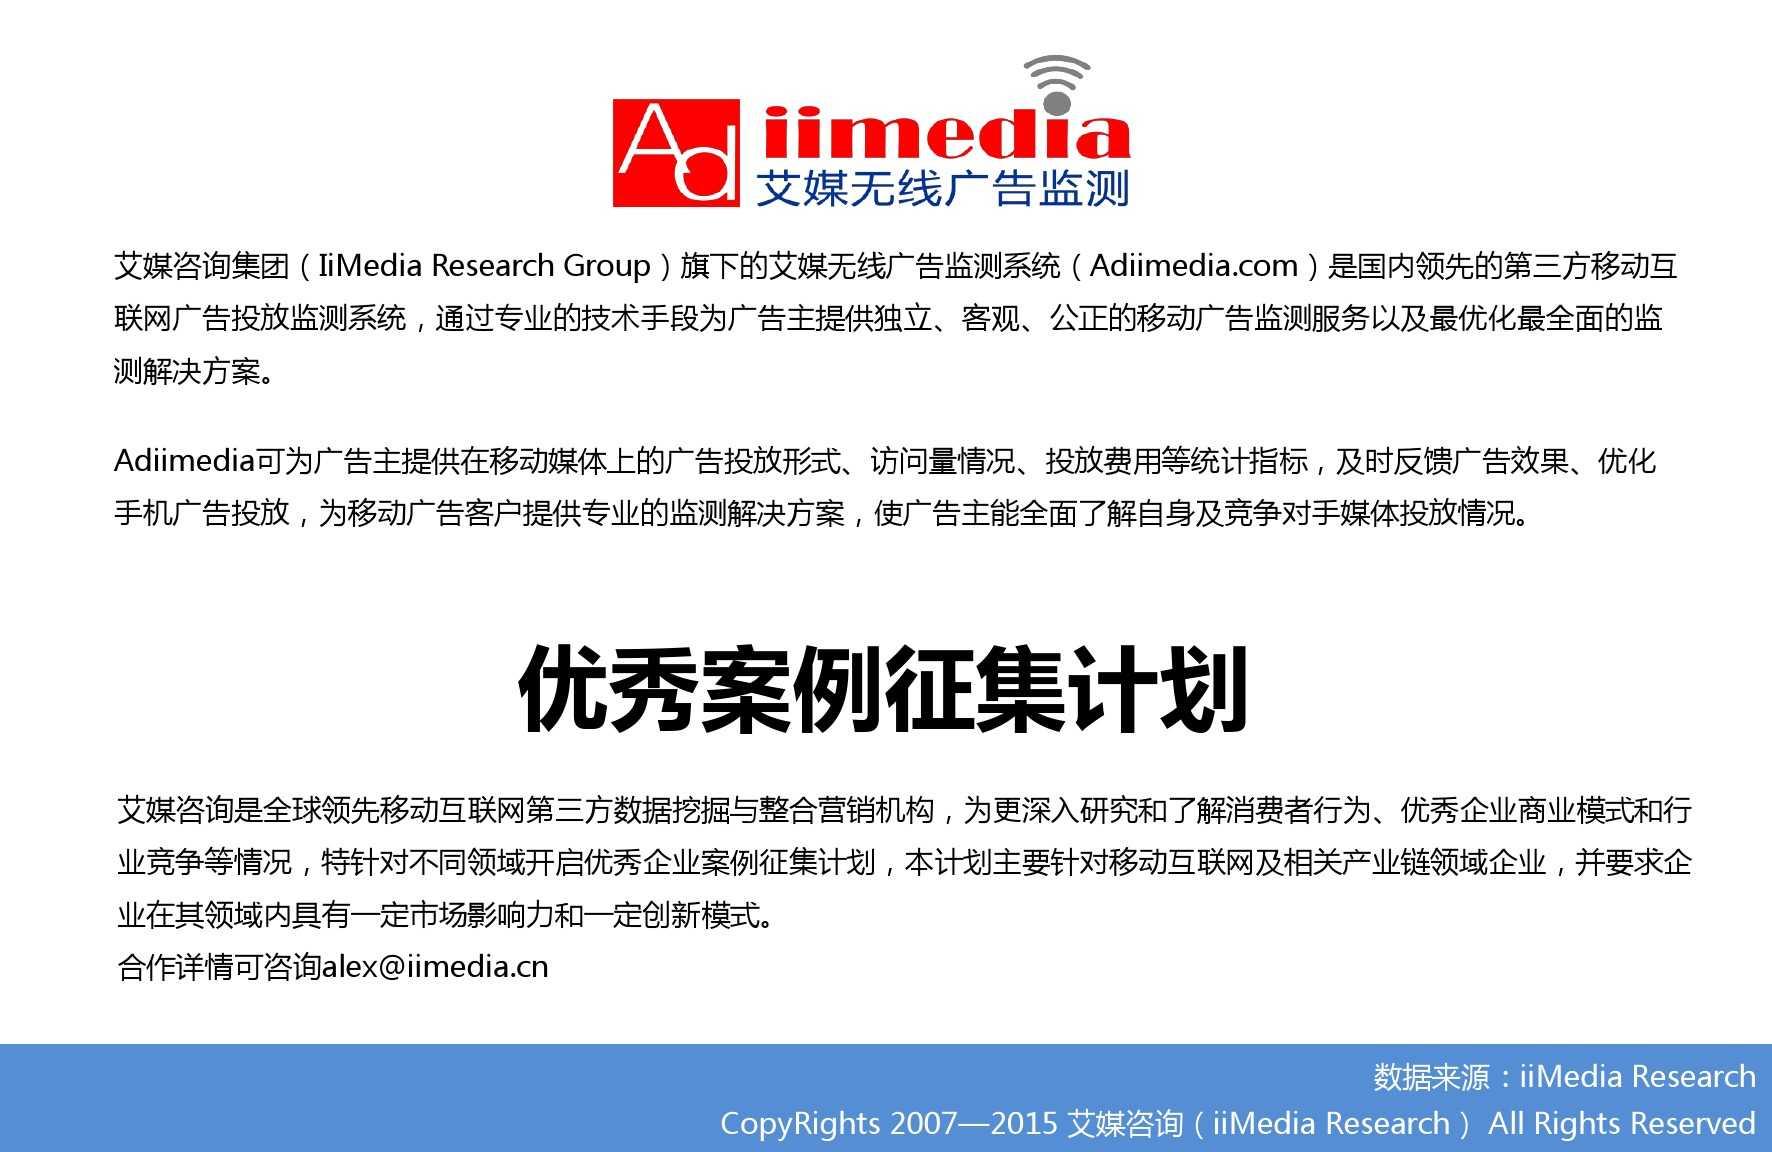 2015年Q3中国移动医疗健康市场监测报告_000029